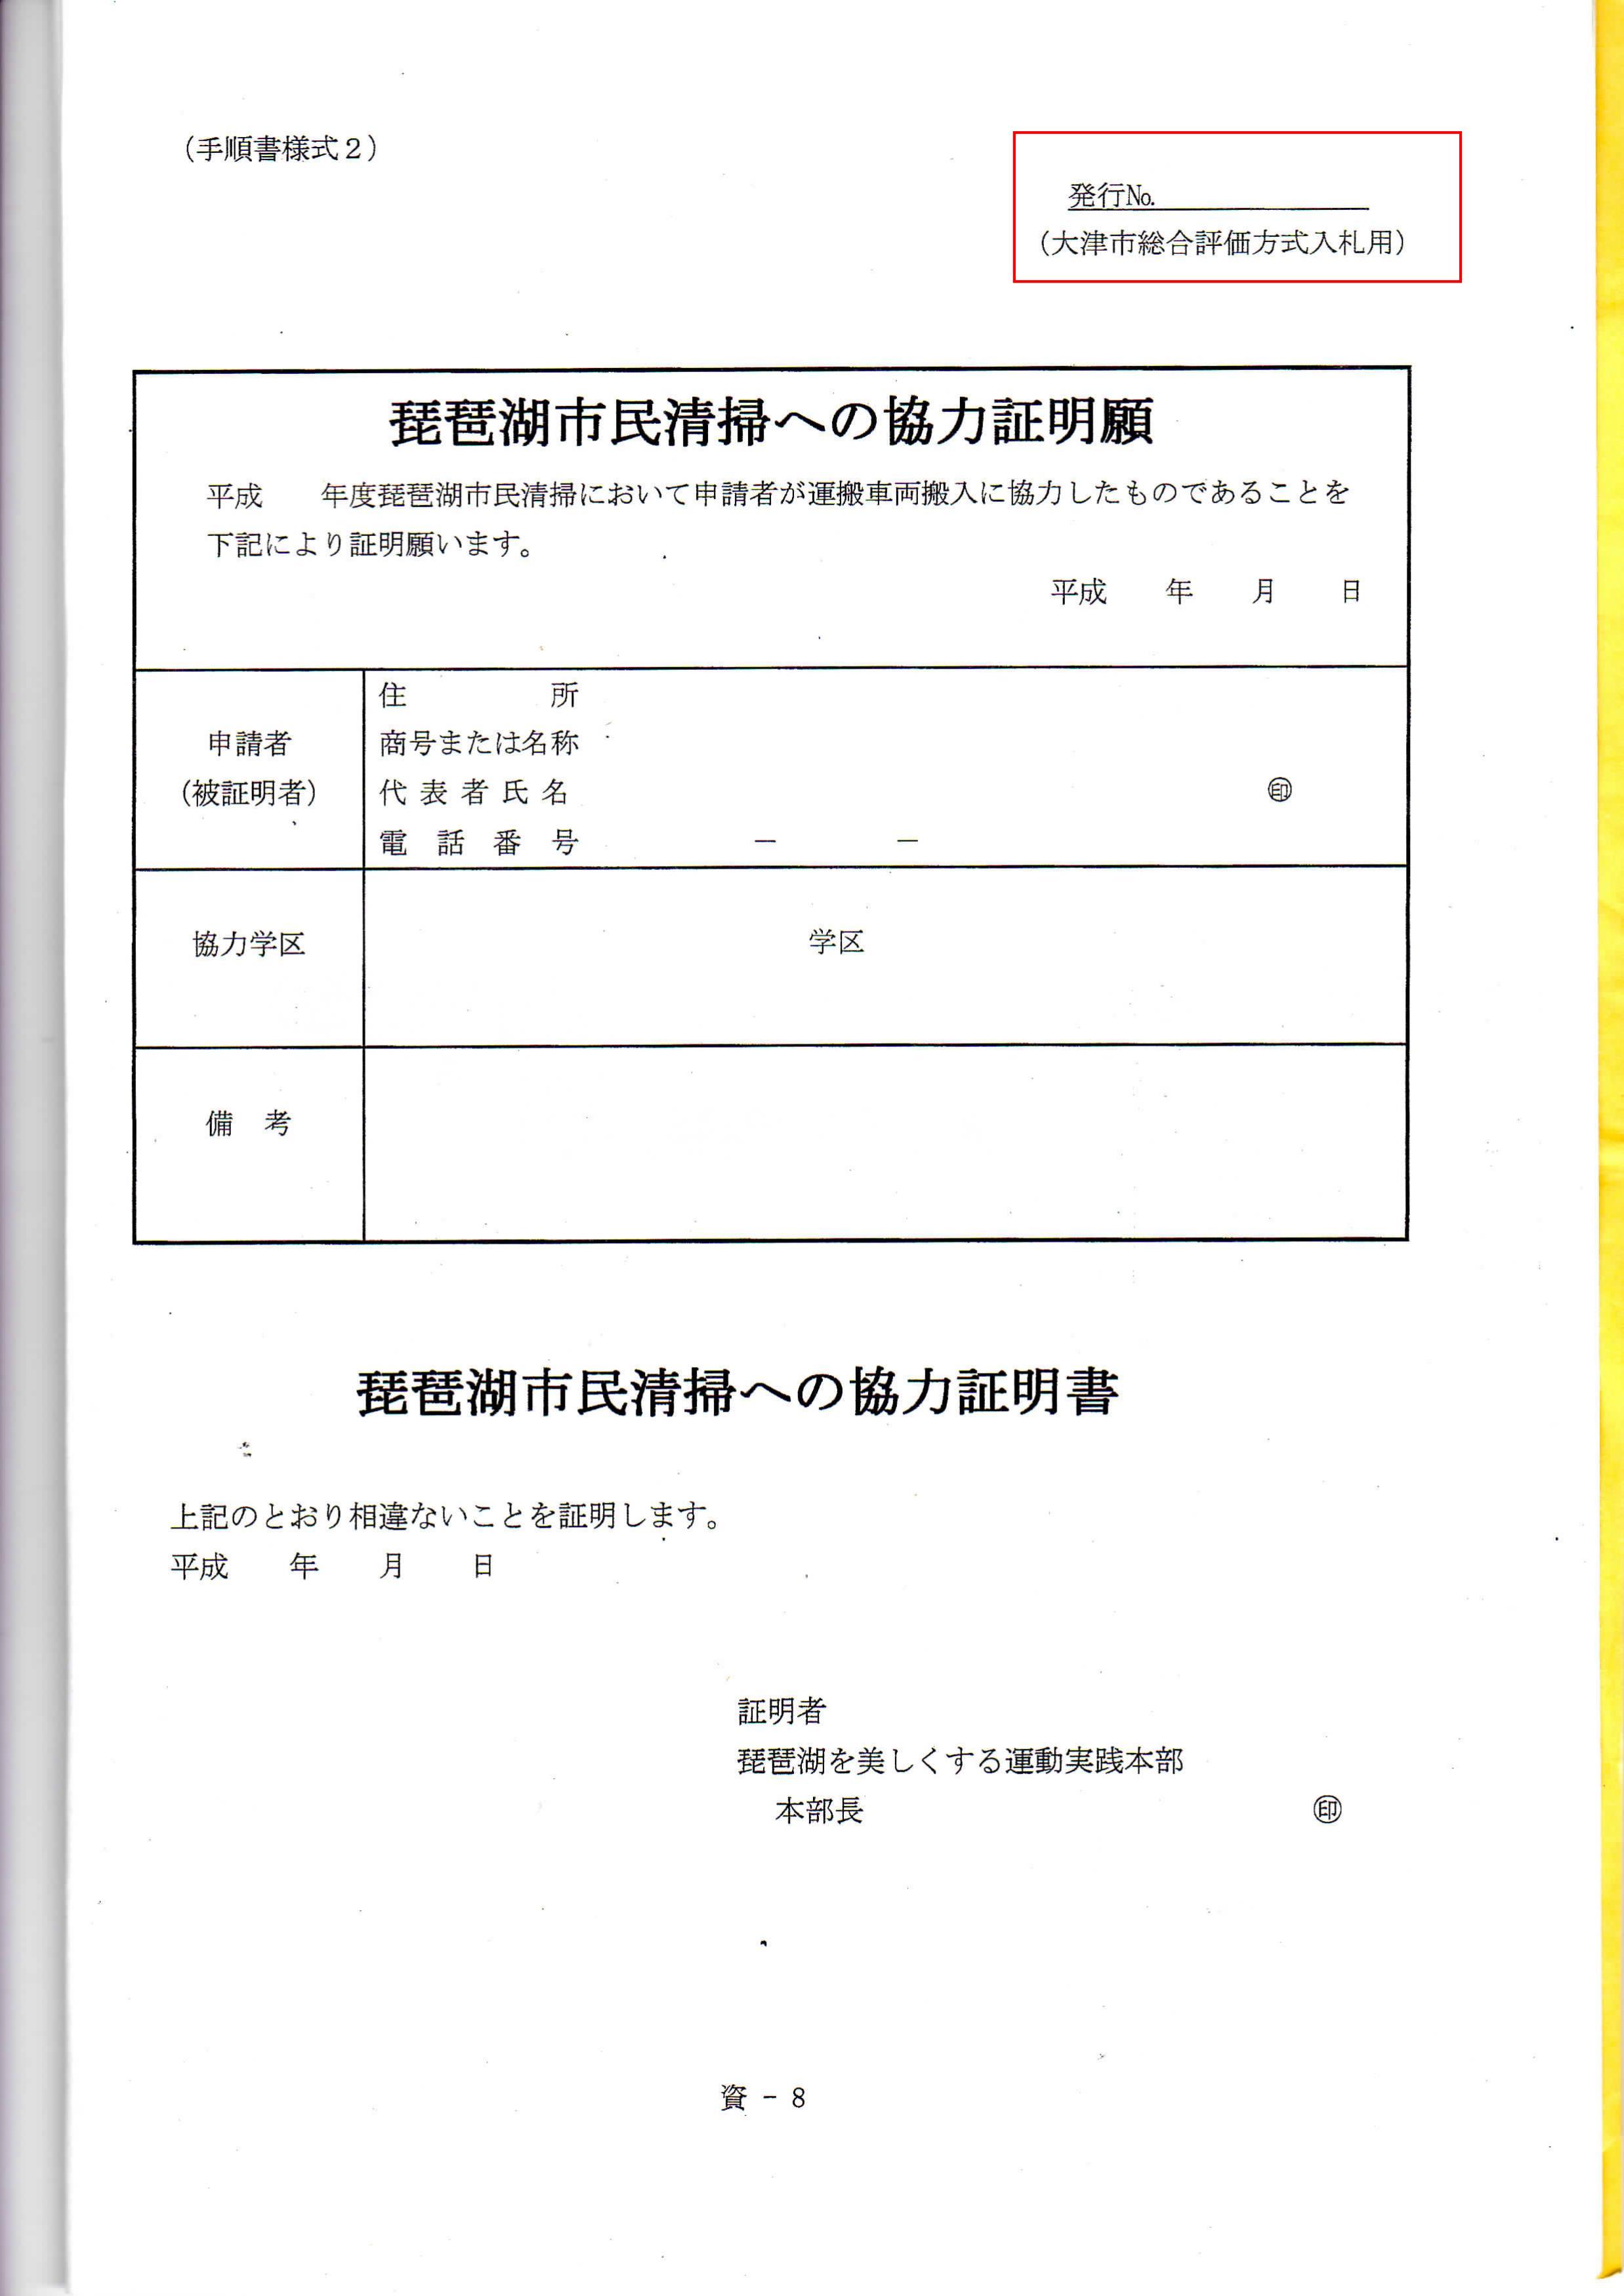 琵琶湖市民清掃の証明書_01